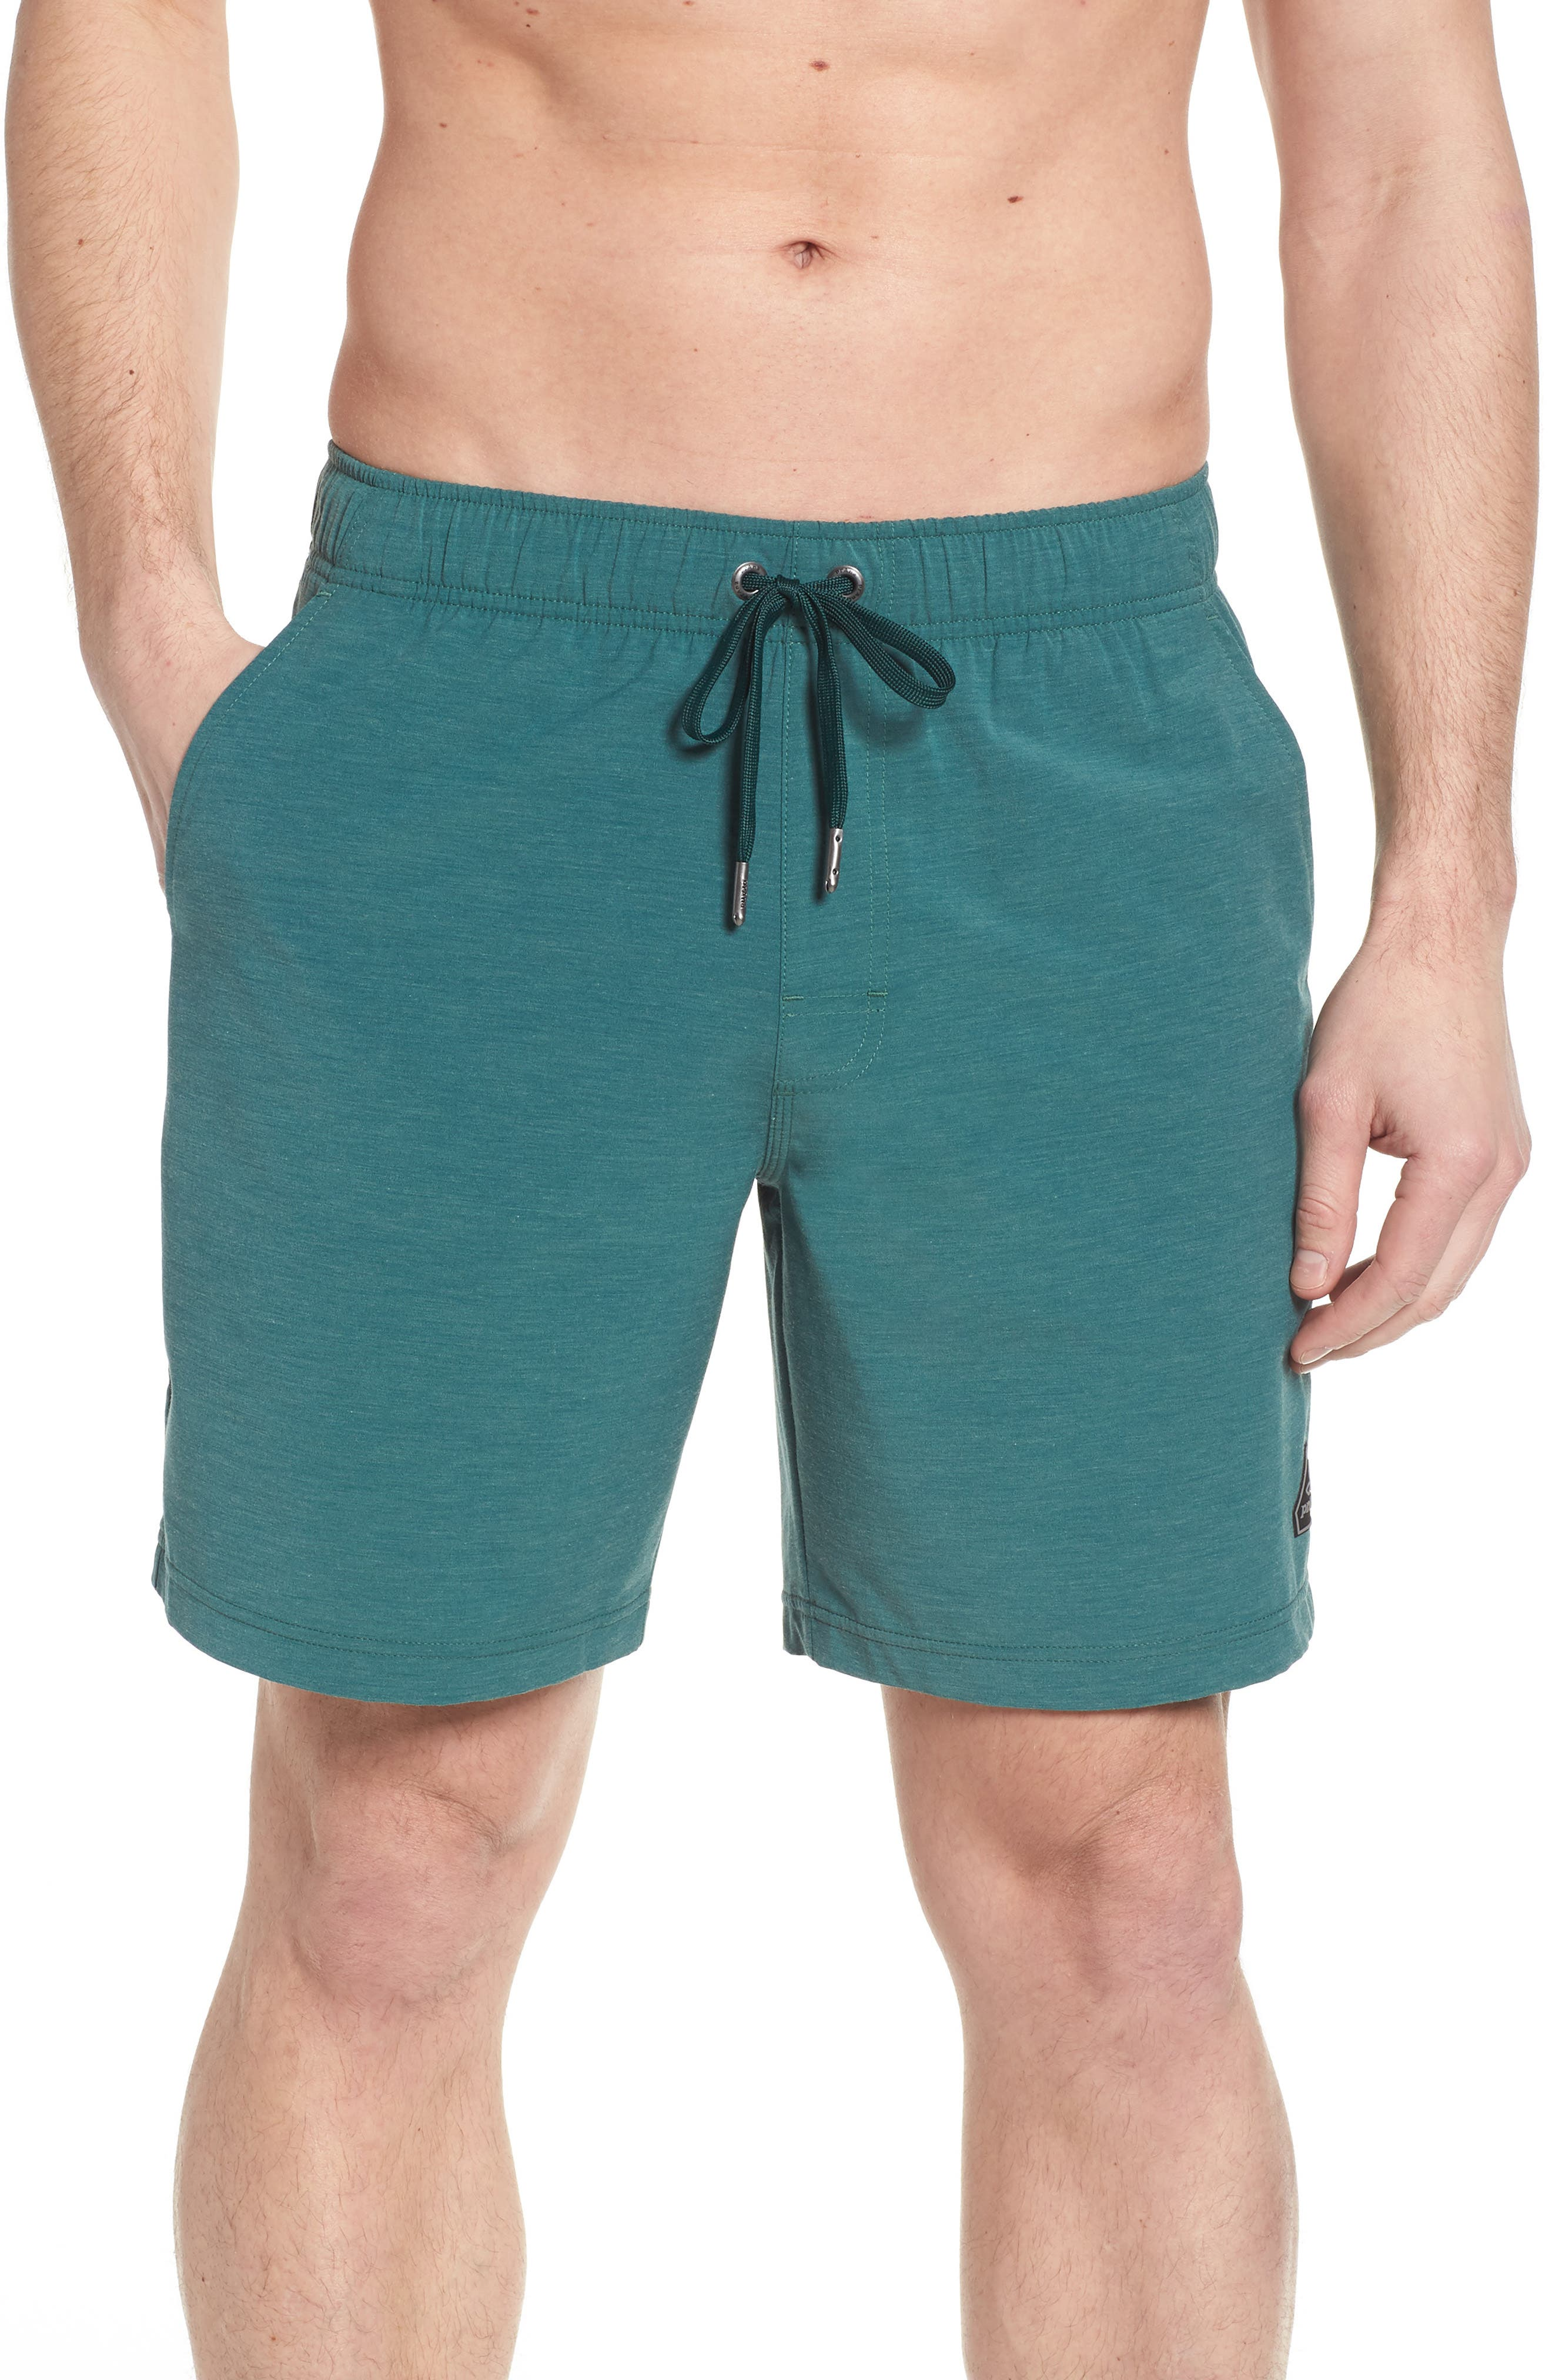 Metric Board Shorts,                             Main thumbnail 1, color,                             300